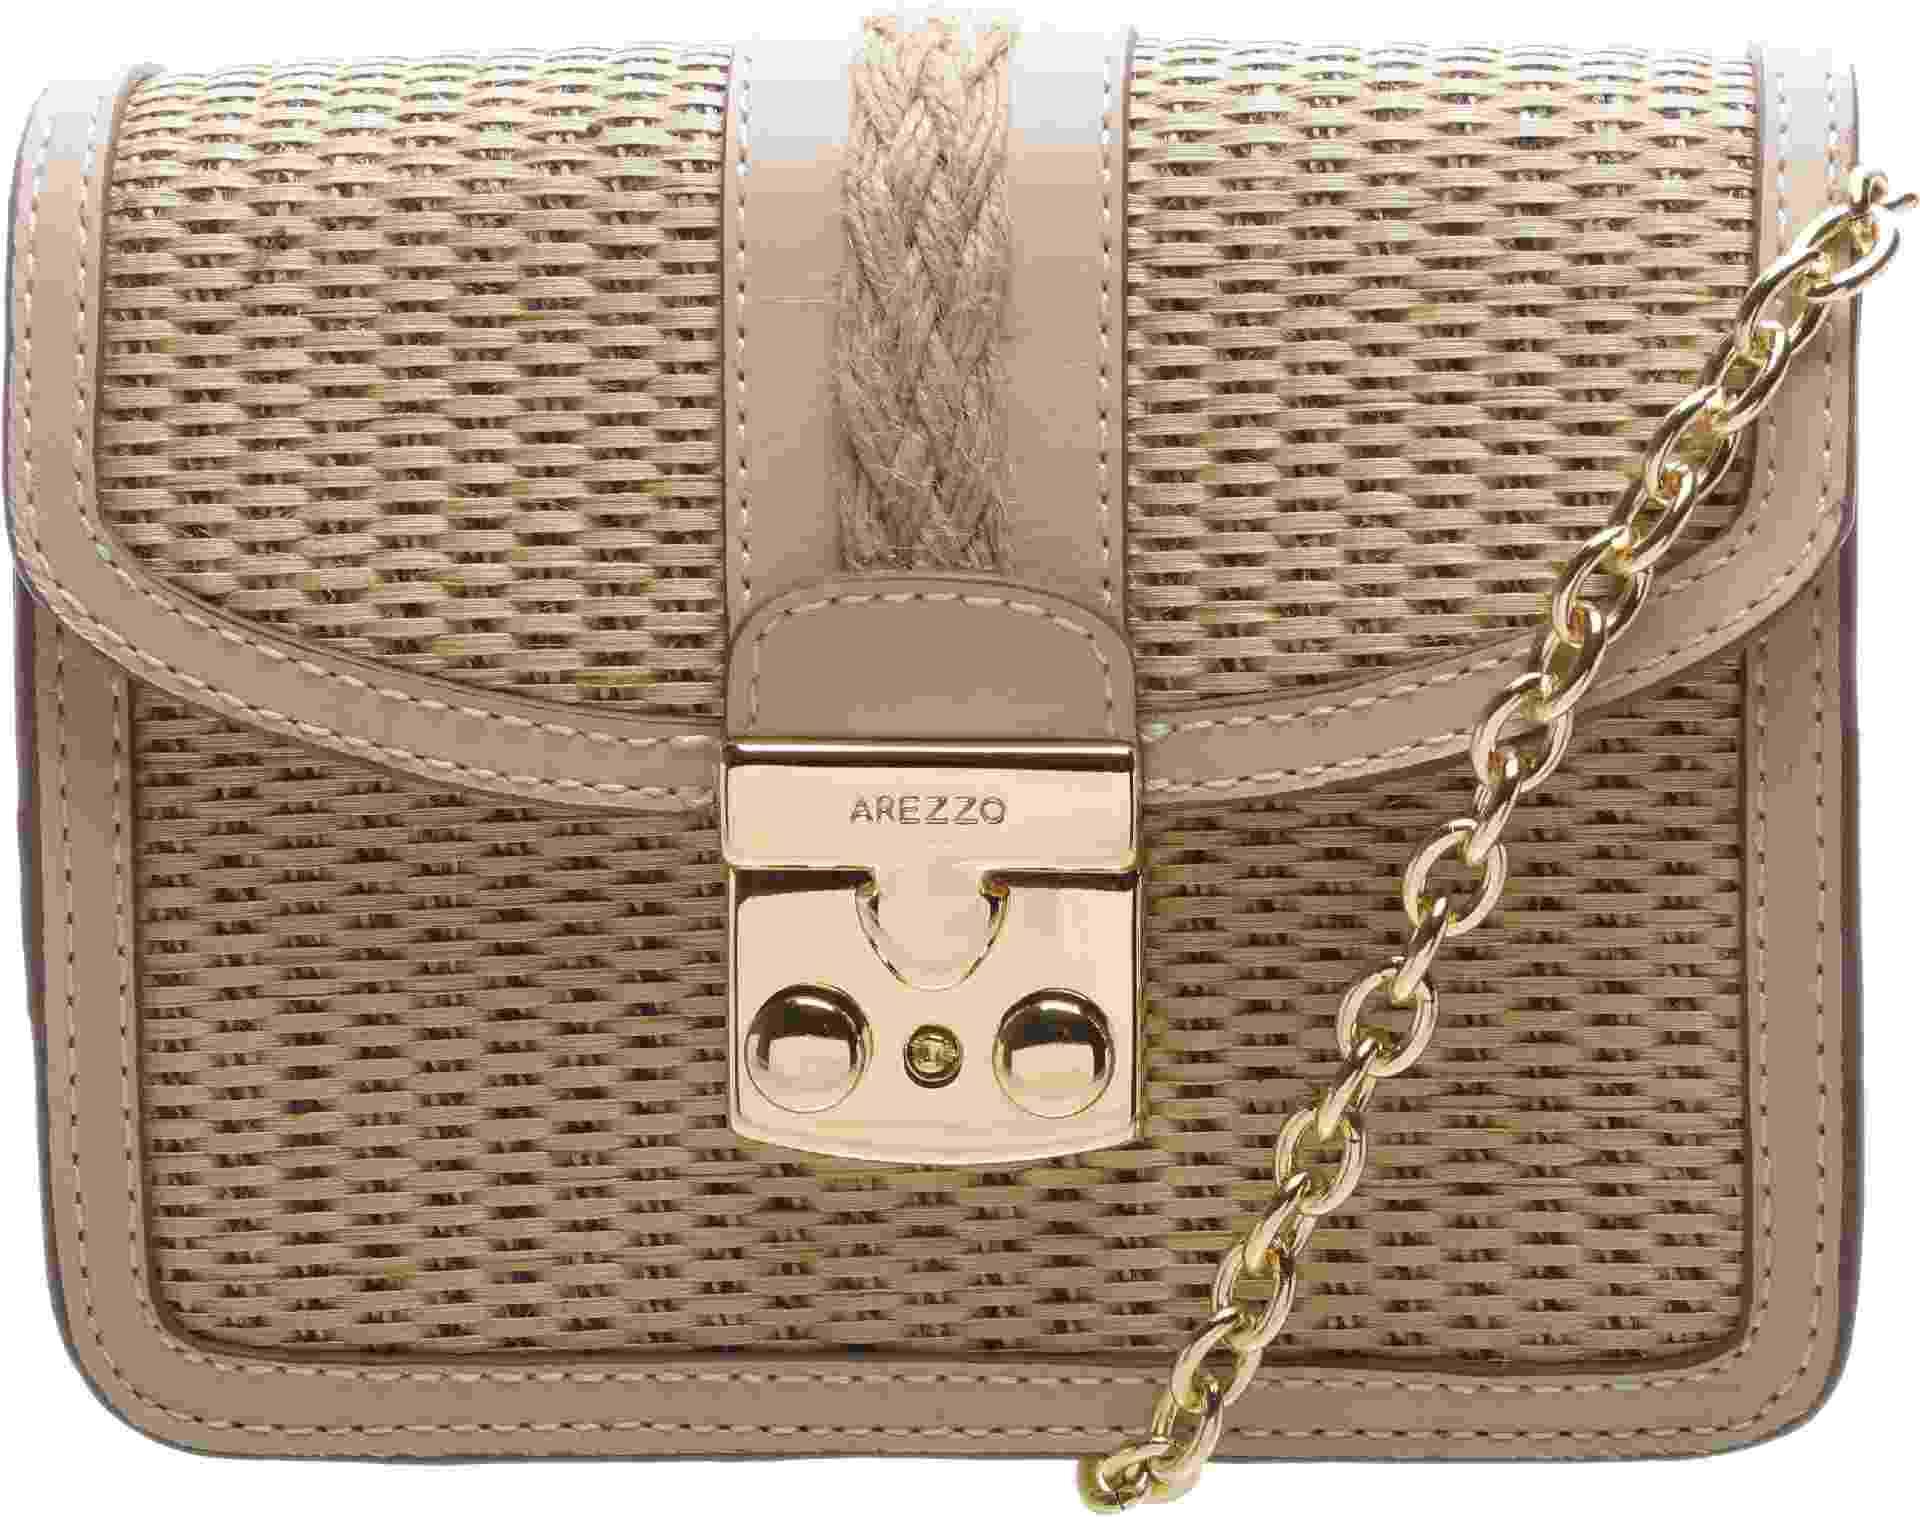 Bolsa de palha com alça de metal, R$ 539,90, Arezzo, arezzo.com.br - Divulgação